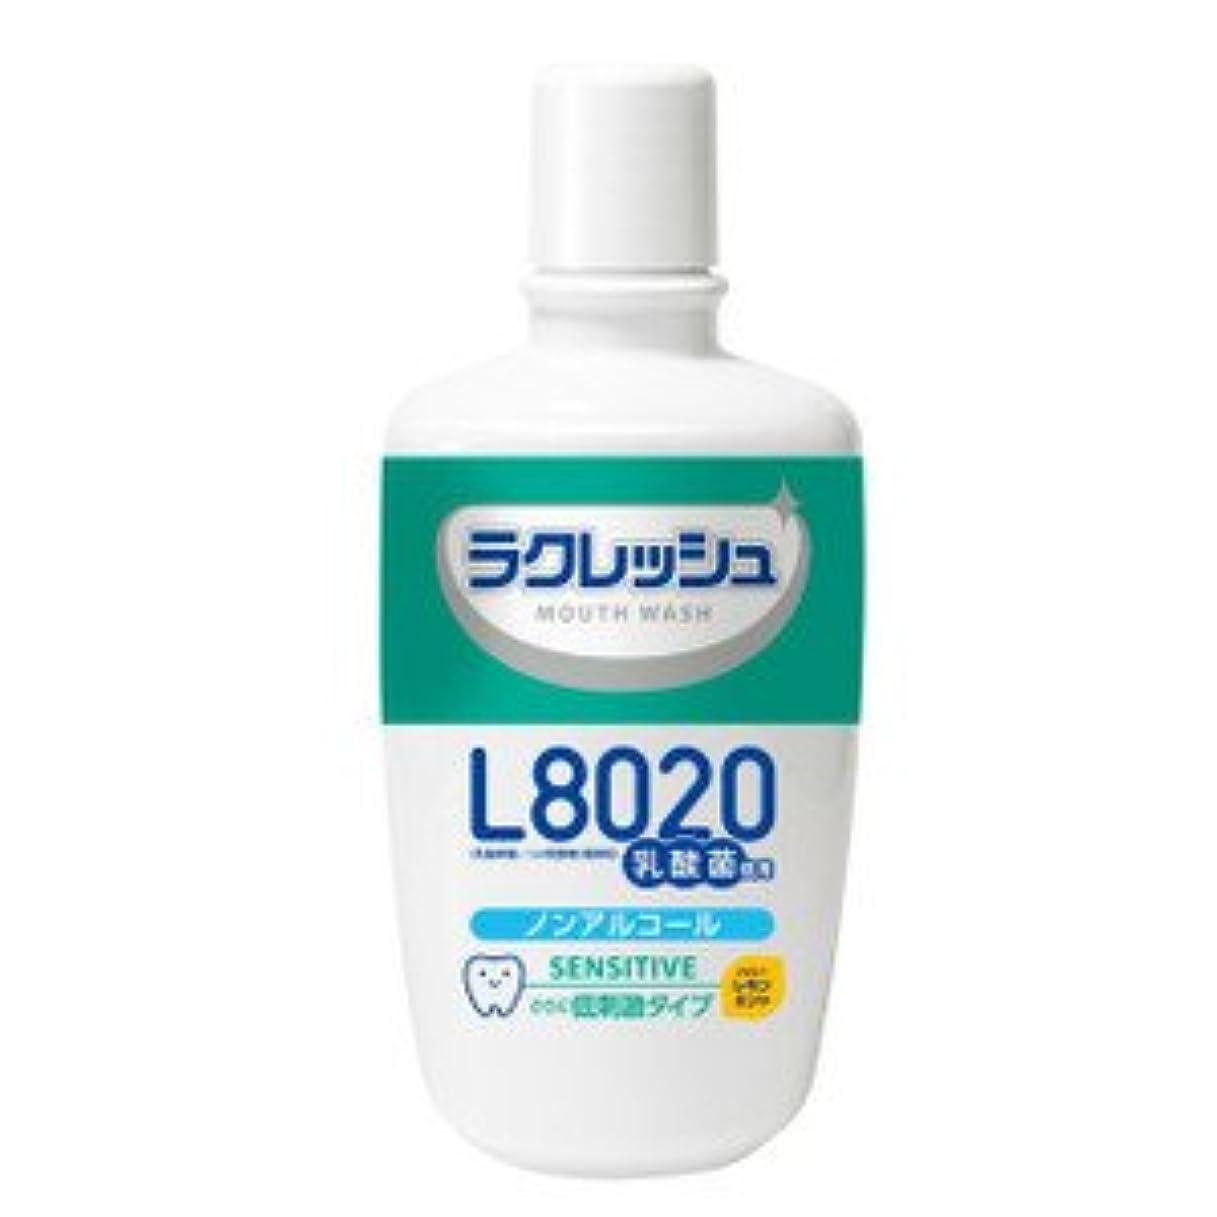 器具歌詞職人ジェクス ラクレッシュ L8020乳酸菌 マウスウォッシュ 洗口液センシティブタイプ 300ml×10個セット